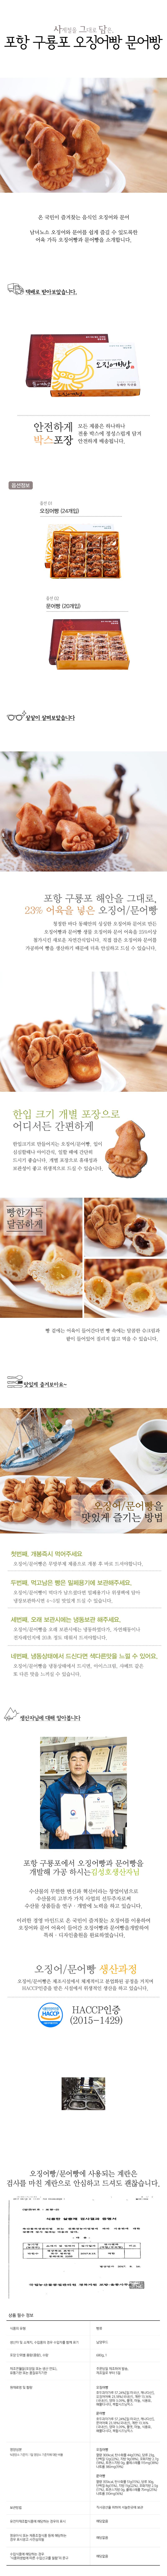 진짜 오징어가 들어간 오징어/문어빵 - 테이스티푸드, 15,500원, 쿠키/케익/빵, 빵